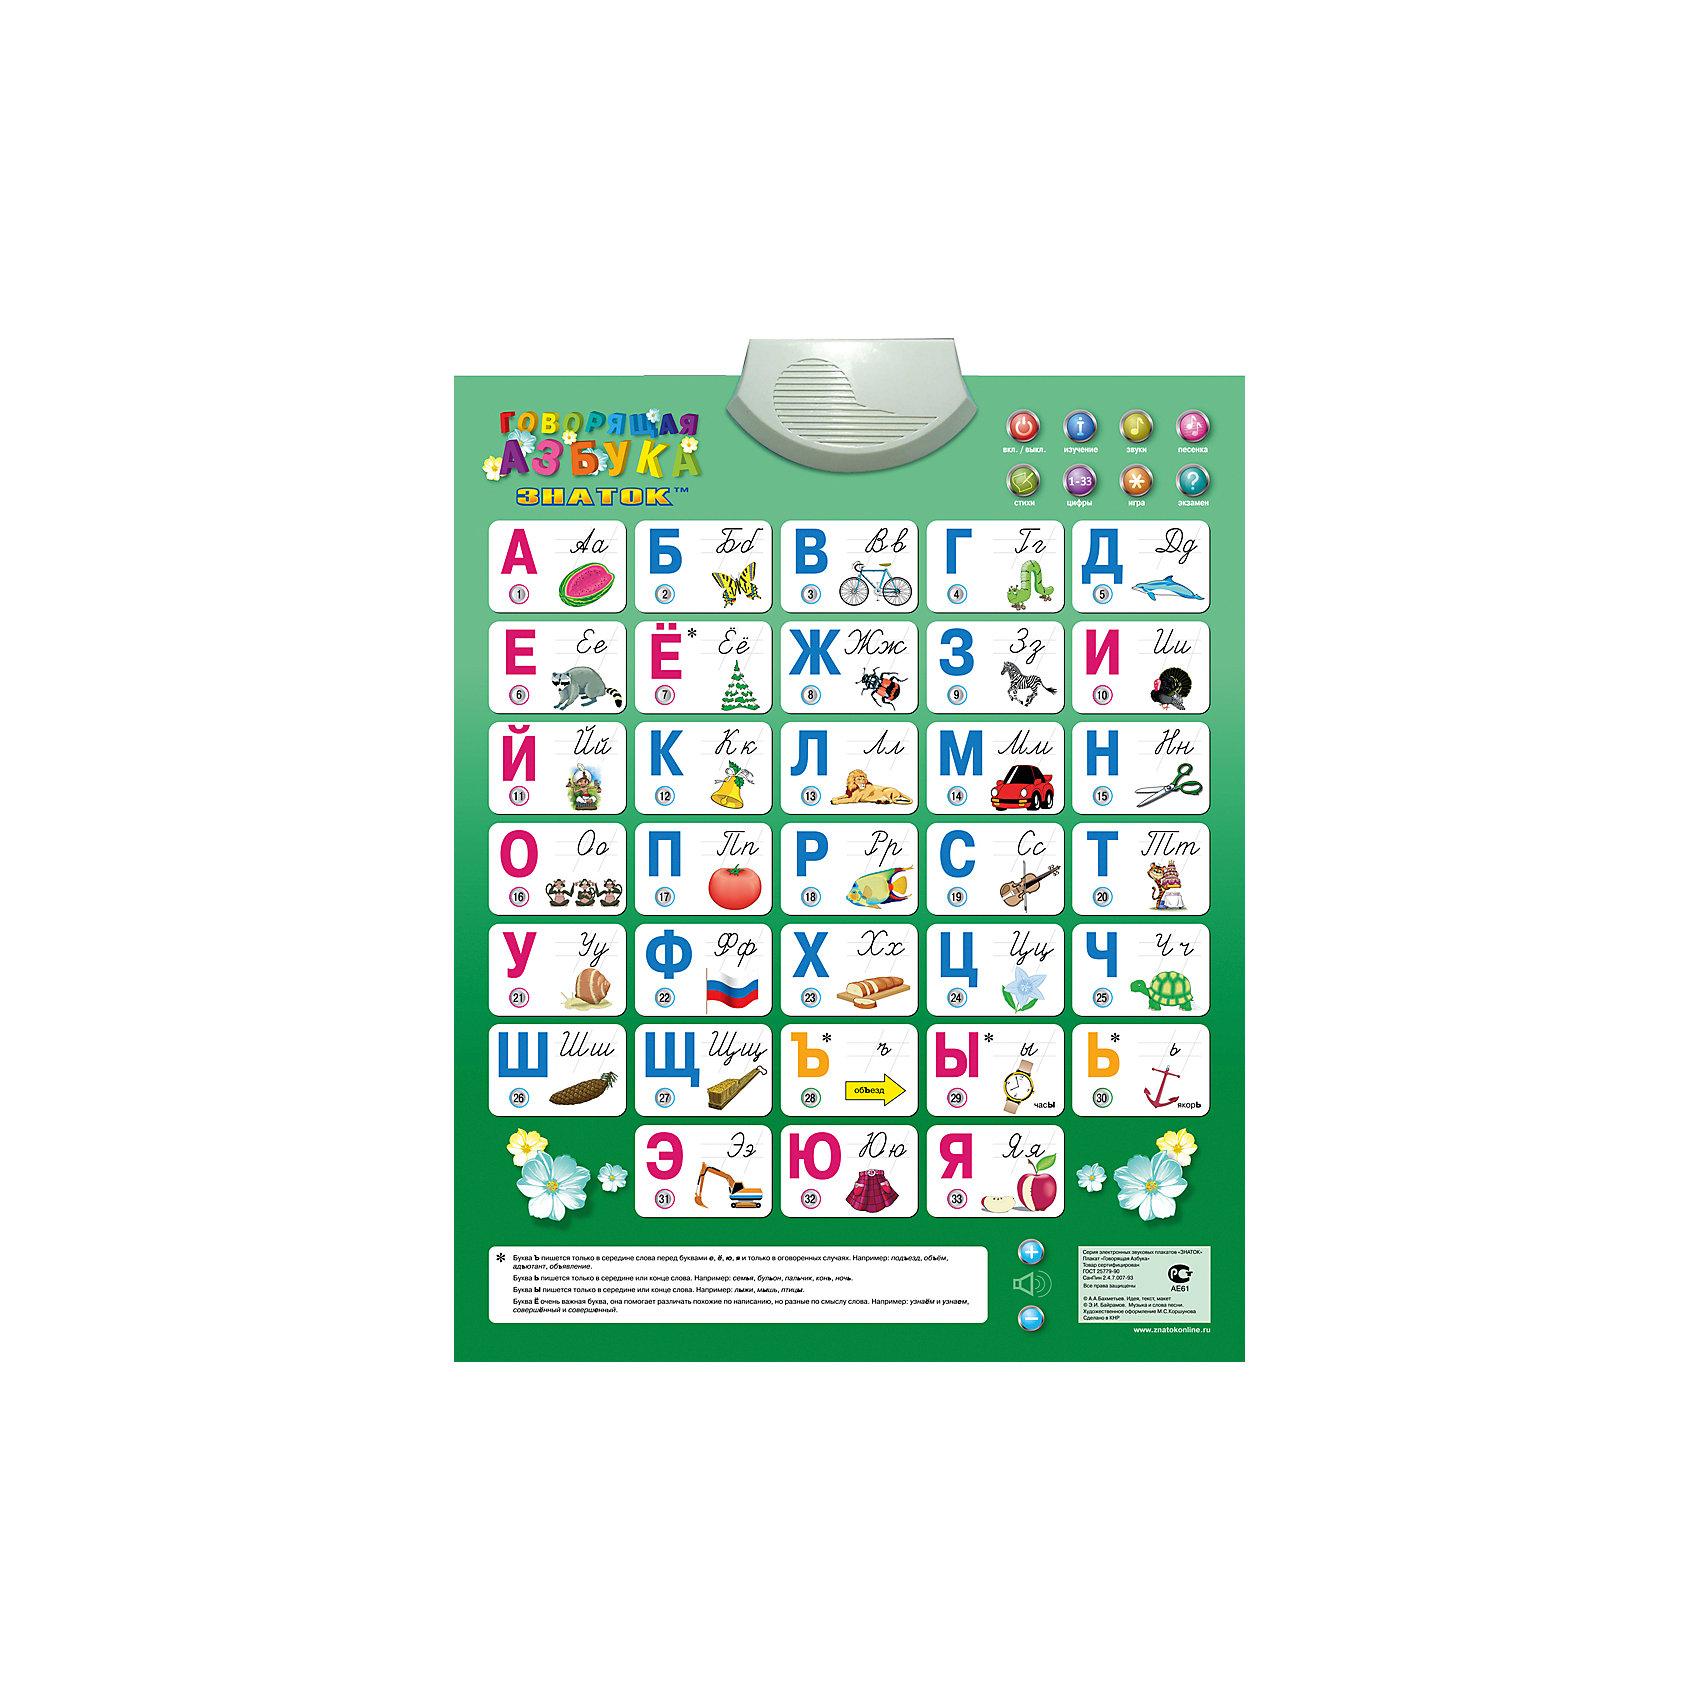 Электронный звуковой плакат Говорящая АзбукаОбучающие плакаты и планшеты<br>Электронный звуковой плакат Говорящая Азбука, Знаток<br><br>Характеристики:<br><br>• поможет ребенку выучить буквы и закрепить полученные знания<br>• яркие картинки <br>• сенсорные кнопки <br>• влагозащитная поверхность<br>• материал: пластик, ПВХ<br>• размер упаковки: 23х5х50 см<br>• размер плаката: 50х2,5х60 см<br>• вес: 421 грамм<br>• батарейки: ААА - 3 шт. (входят в комплект)<br><br>Говорящая азбука - отличный выбор для детей, стремящихся изучить буквы русского алфавита. Плакат работает в нескольких режимах. Сначала малыш услышит произношение букв, сопровождающихся картинкой, а затем проверит и закрепит свои знания на экзамене. Азбука озвучит не только саму букву, но и ее порядковый номер. Так кроха сможет научиться считать до 33. Веселые песенки и стихи превратят процесс обучения в увлекательную игру. Плакат имеет влагозащитную поверхность и регулируемую громкость. Учить буквы с таким плакатом очень весело!<br><br>Электронный звуковой плакат Говорящая Азбука, Знаток можно купить в нашем интернет-магазине.<br><br>Ширина мм: 230<br>Глубина мм: 40<br>Высота мм: 485<br>Вес г: 500<br>Возраст от месяцев: 36<br>Возраст до месяцев: 84<br>Пол: Унисекс<br>Возраст: Детский<br>SKU: 2403145